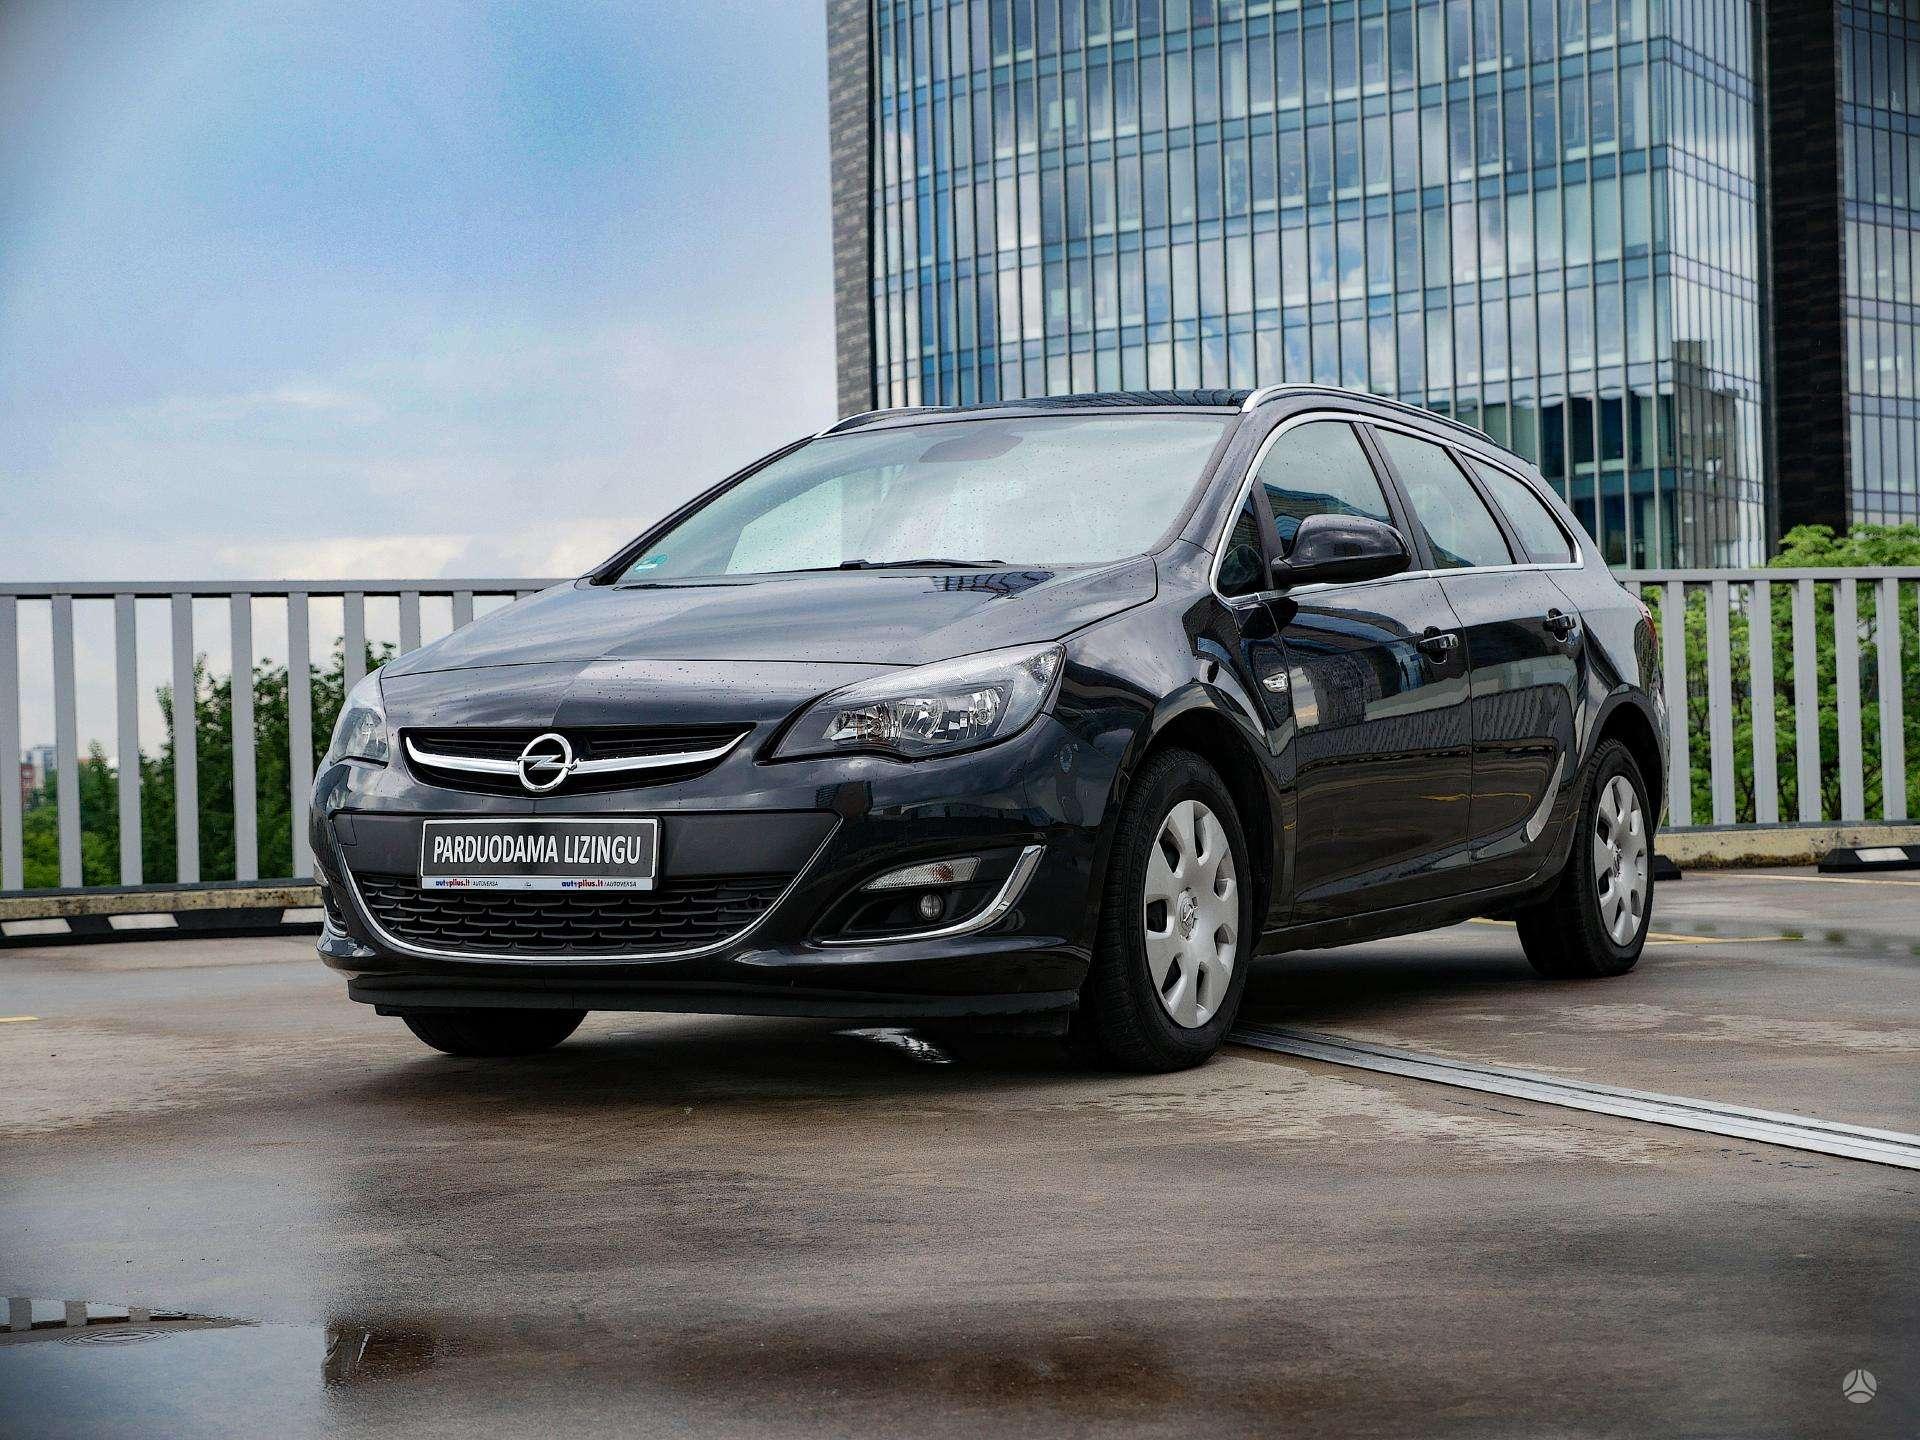 Opel Astra išsimokėtinai nuo 133Eur/Mėn su 3 mėnesių garantija